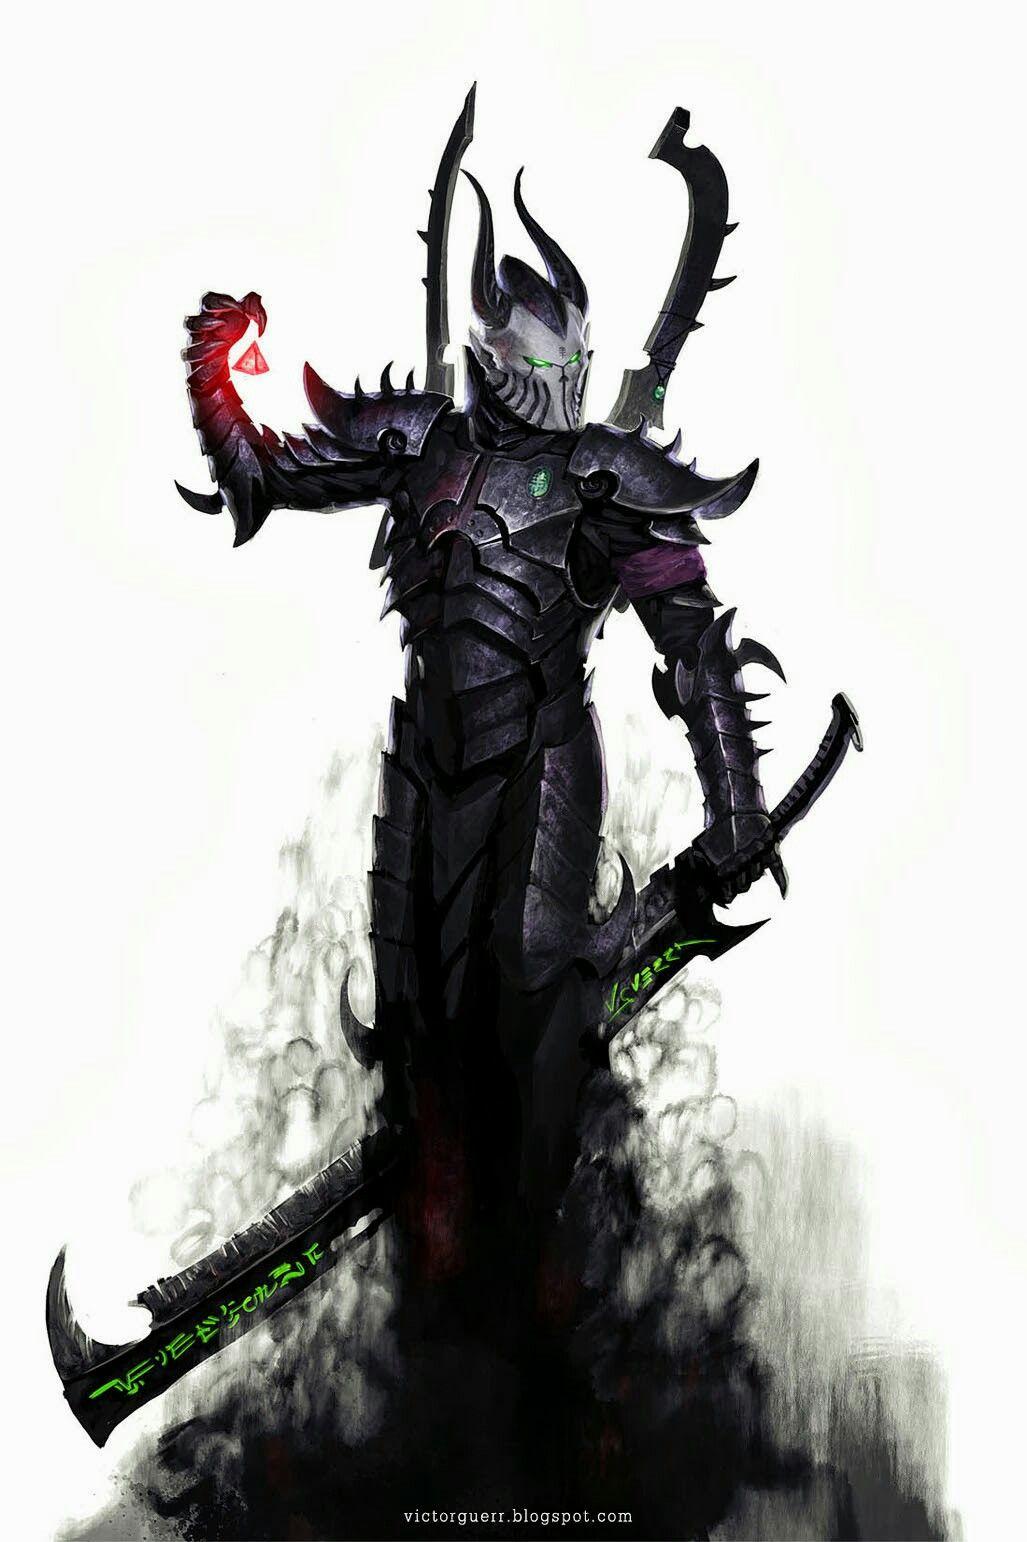 Pin od pouvatea ross rossington na nstenke from commorragh warhammer 40000 dark fantasy umenie fantasy kreslen postaviky kreslenie postv kostmy pozadia voltagebd Choice Image